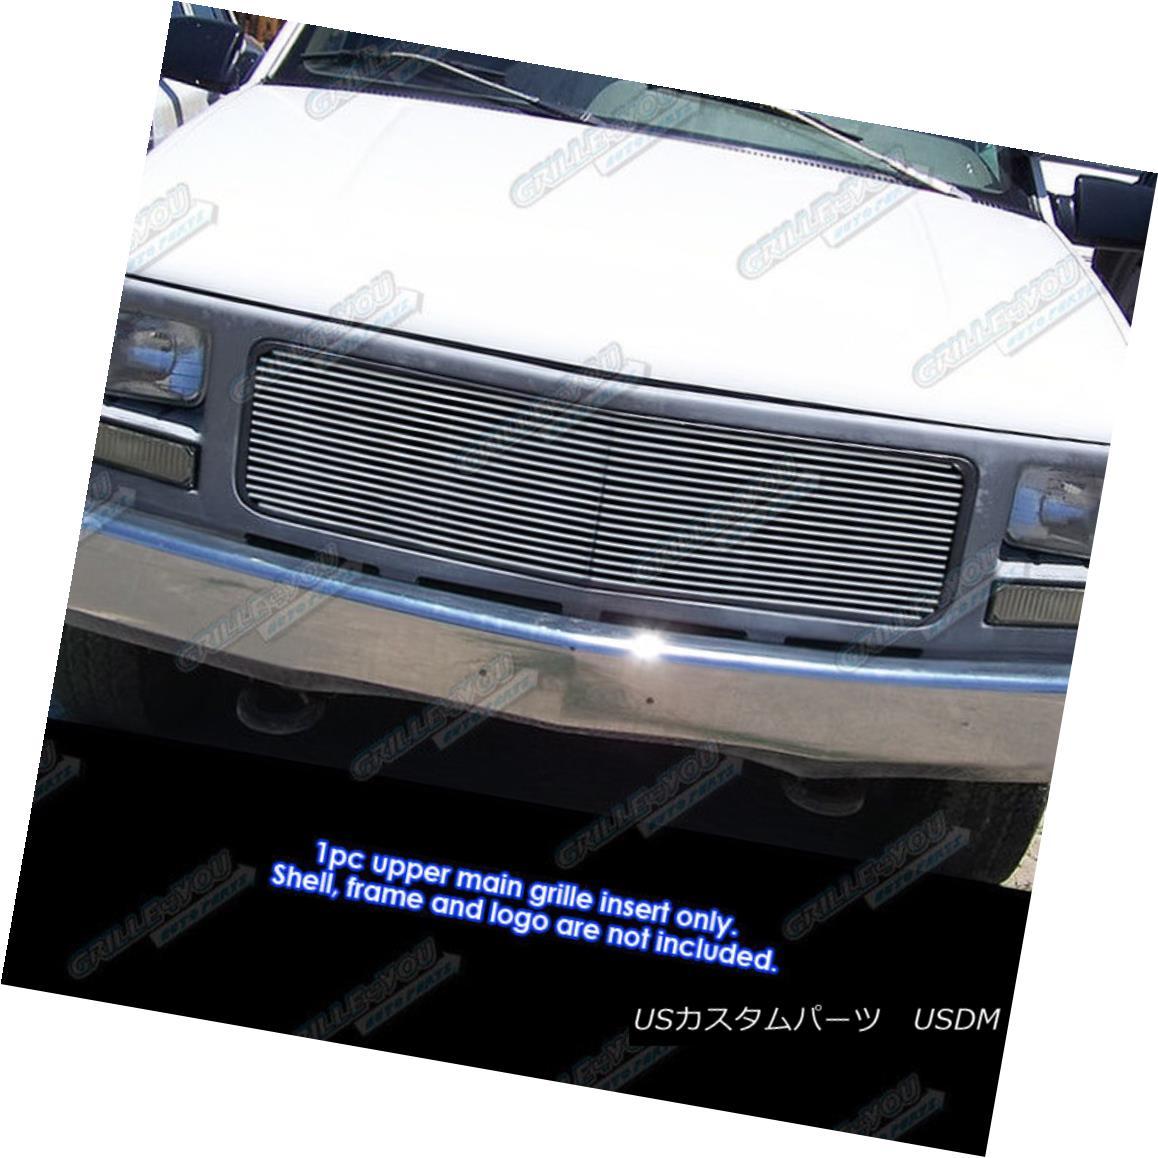 グリル Fits 1994-1998 GMC C/K Pickup/94-99 Suburban/Yukon Single Lights Billet Grille 適合1994-1998 GMC C / Kピックアップ/ 94-99郊外/ユーコンシングルライトビレットグリル